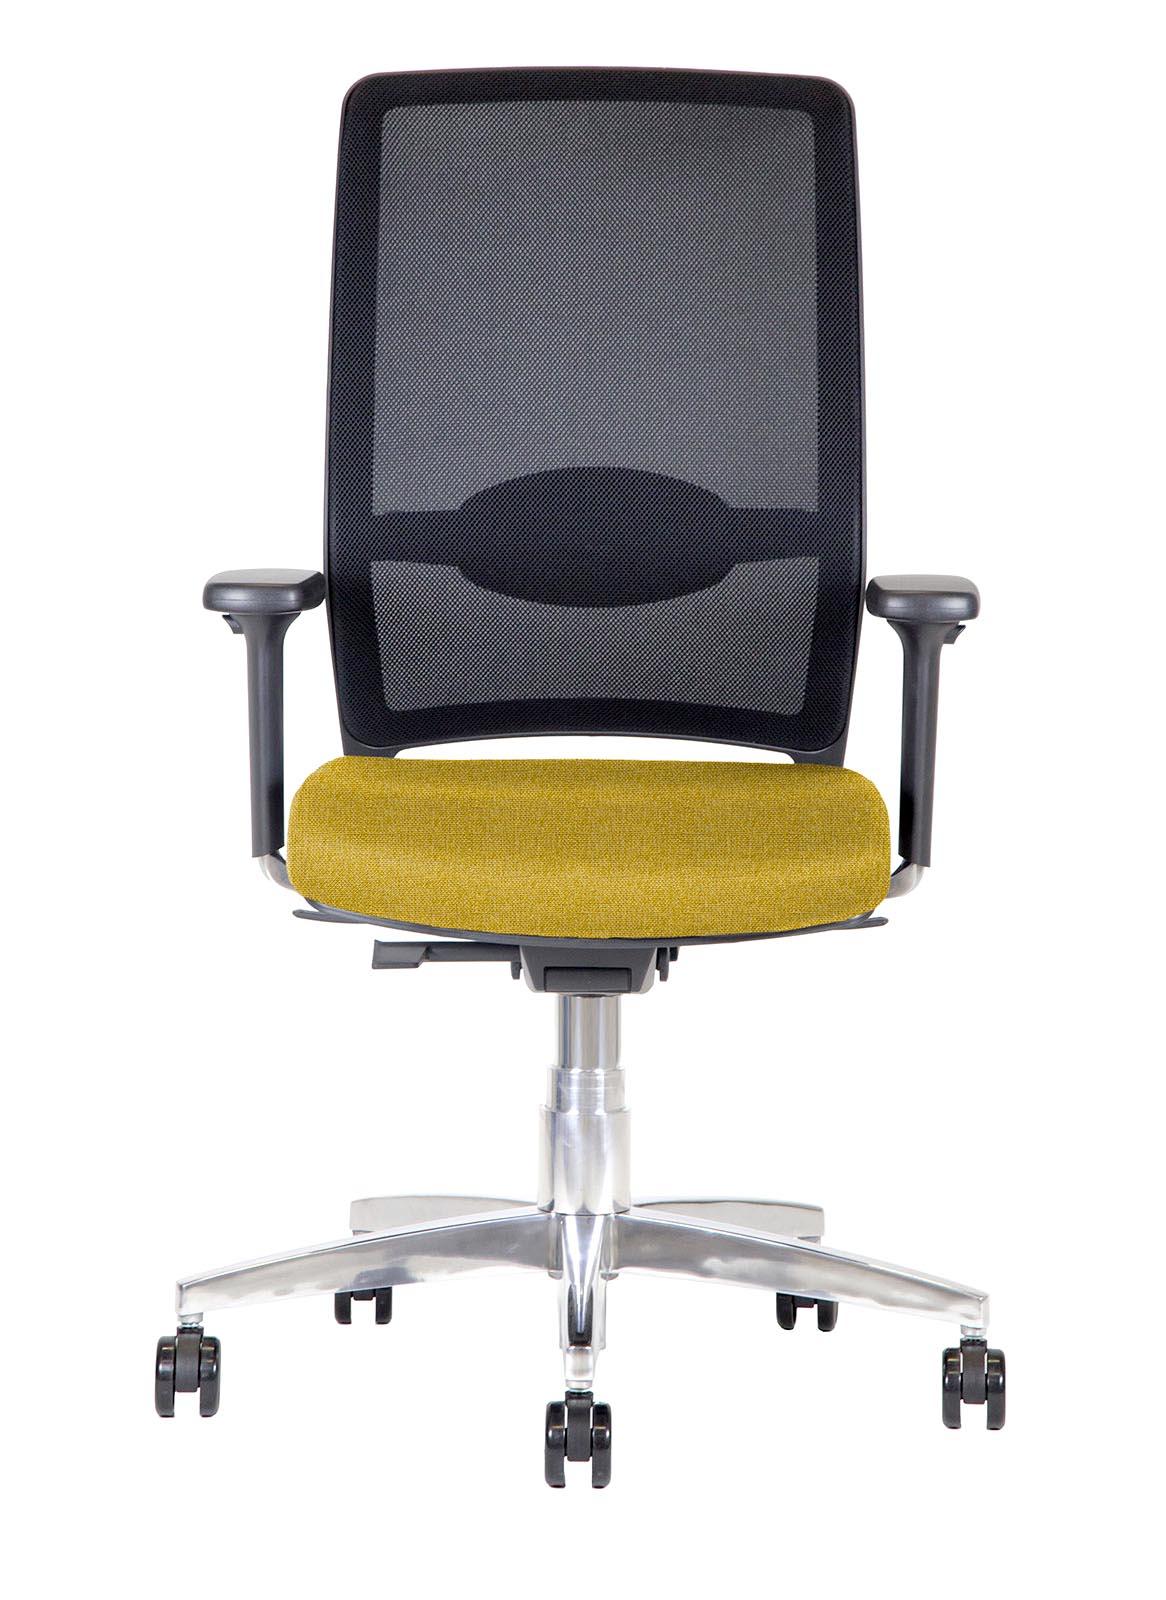 Sedia da ufficio bb112 sedia ergonomica kleos for Sedia ergonomica